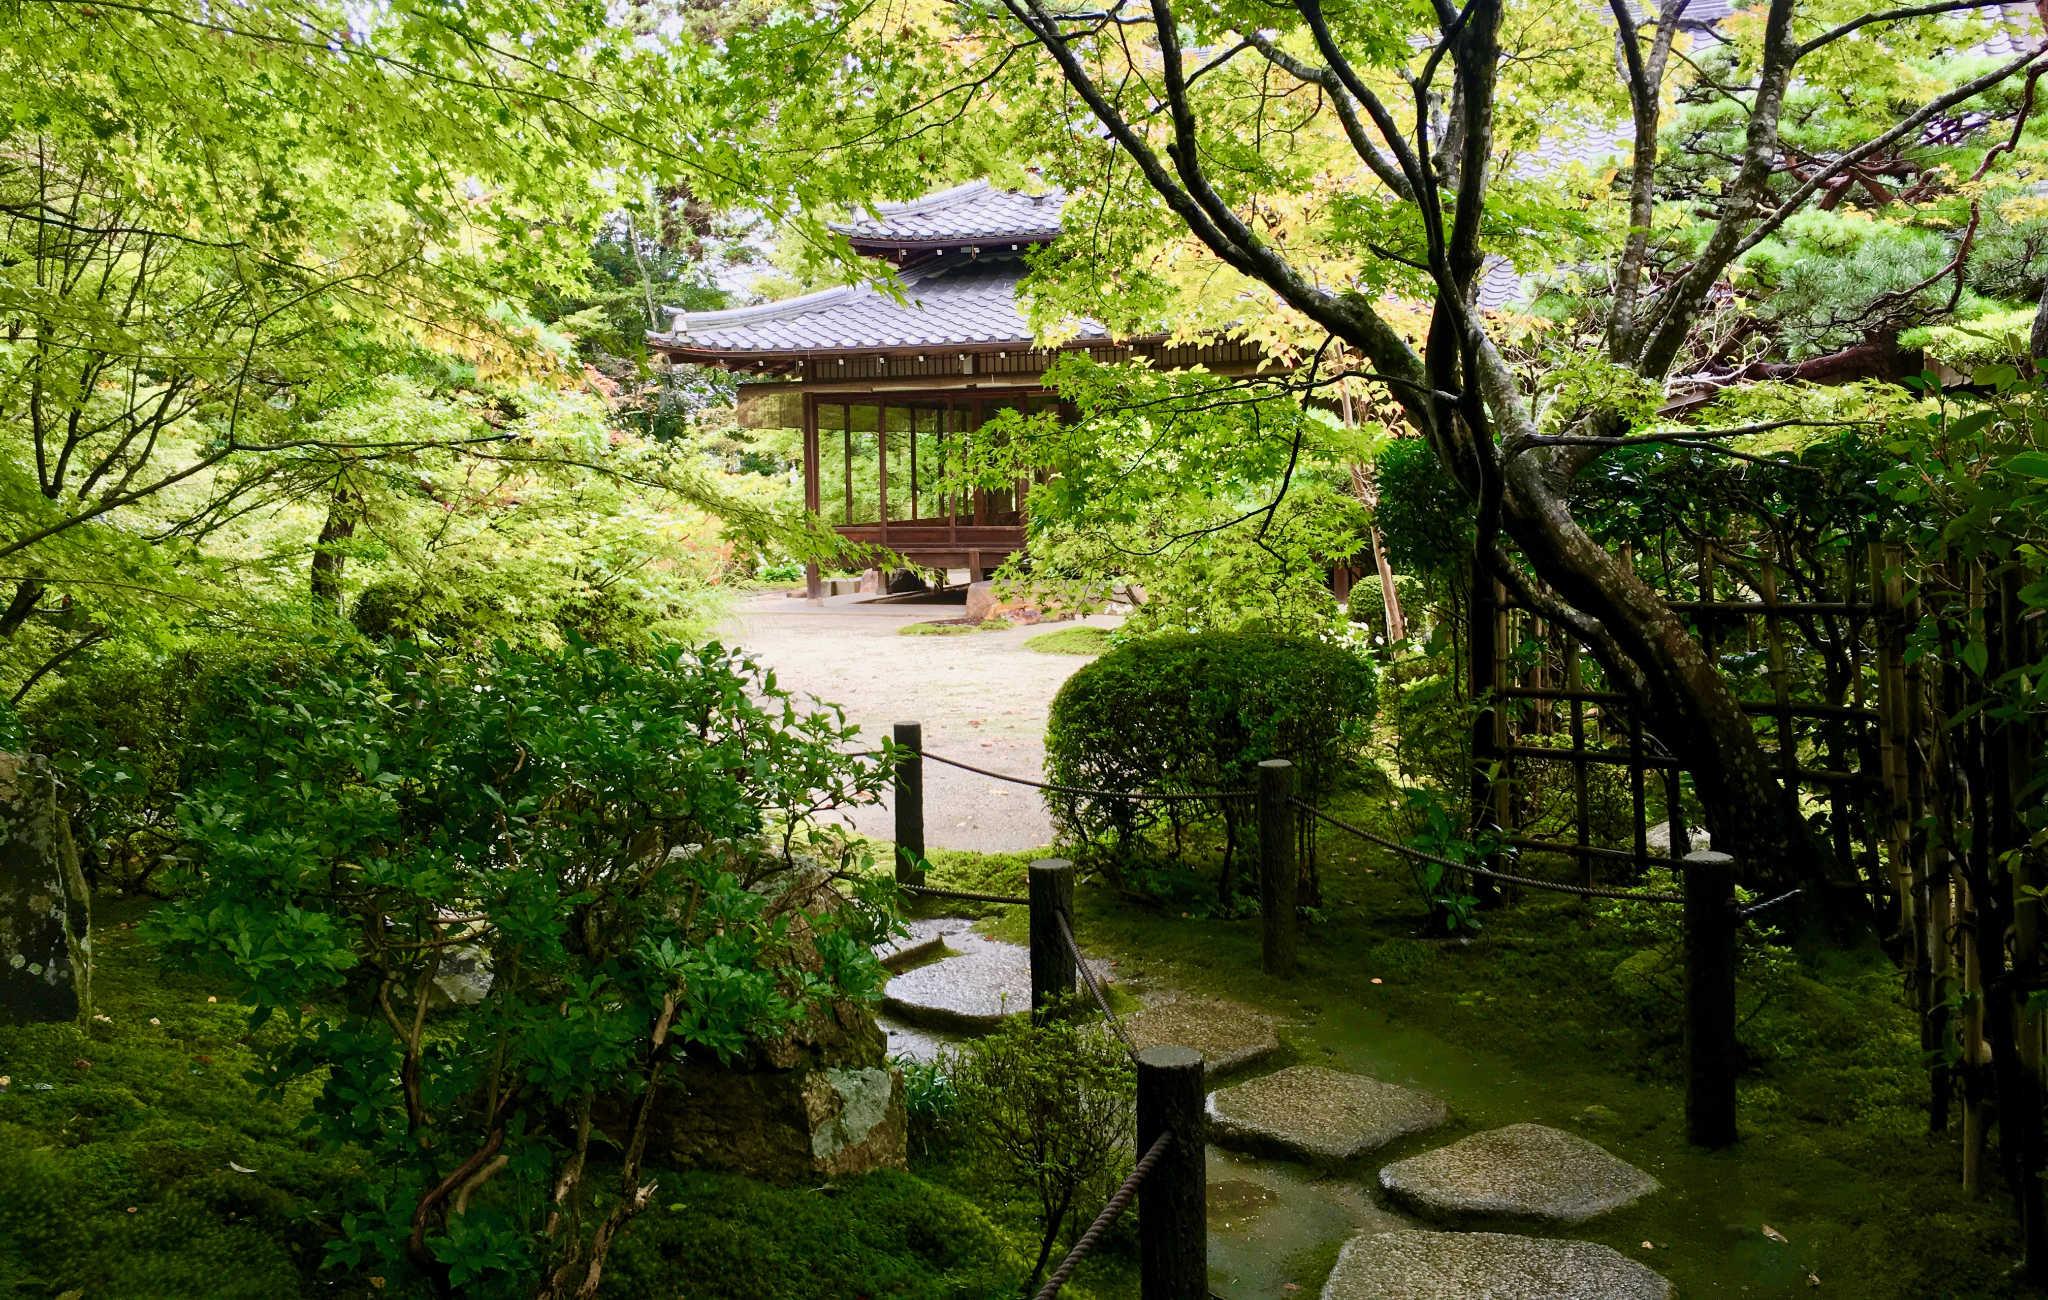 Un chemin de pas japonais mène une maison